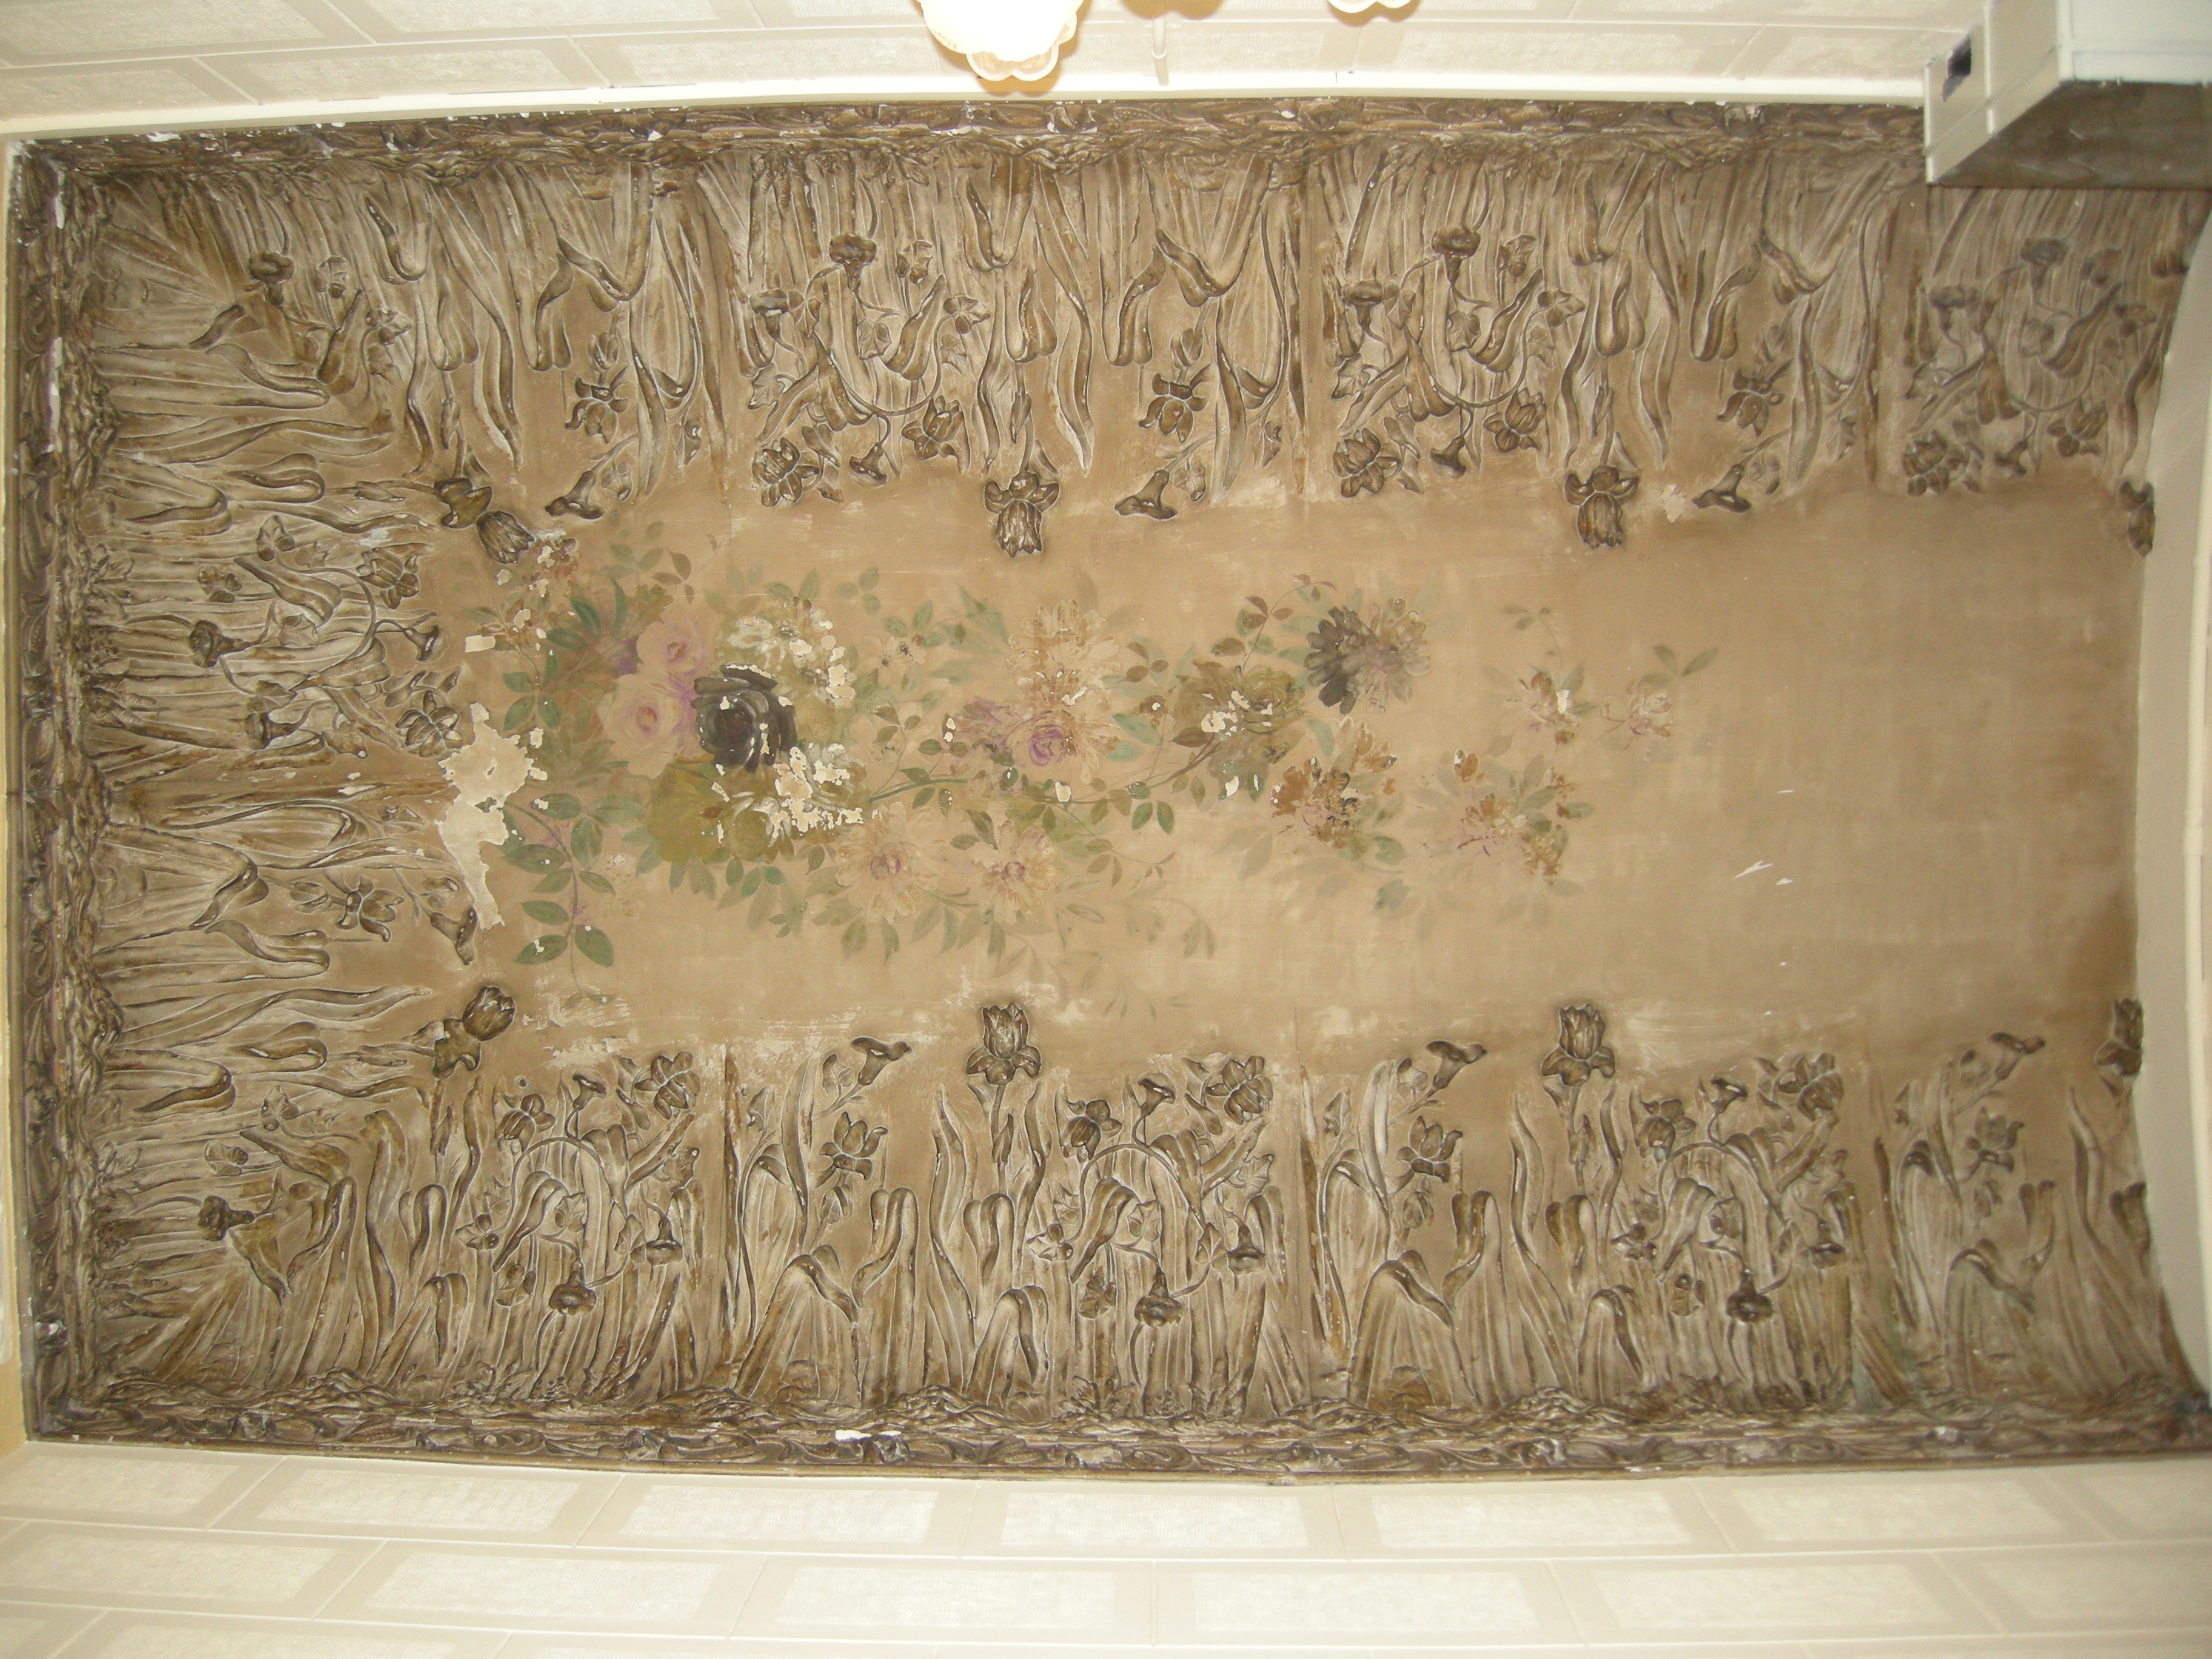 El equipo de profesionales de la Escuela ECORE ha realizado la restauración de las pinturas y molduras modernistas que formaban parte del techo de la portería de una finca […]